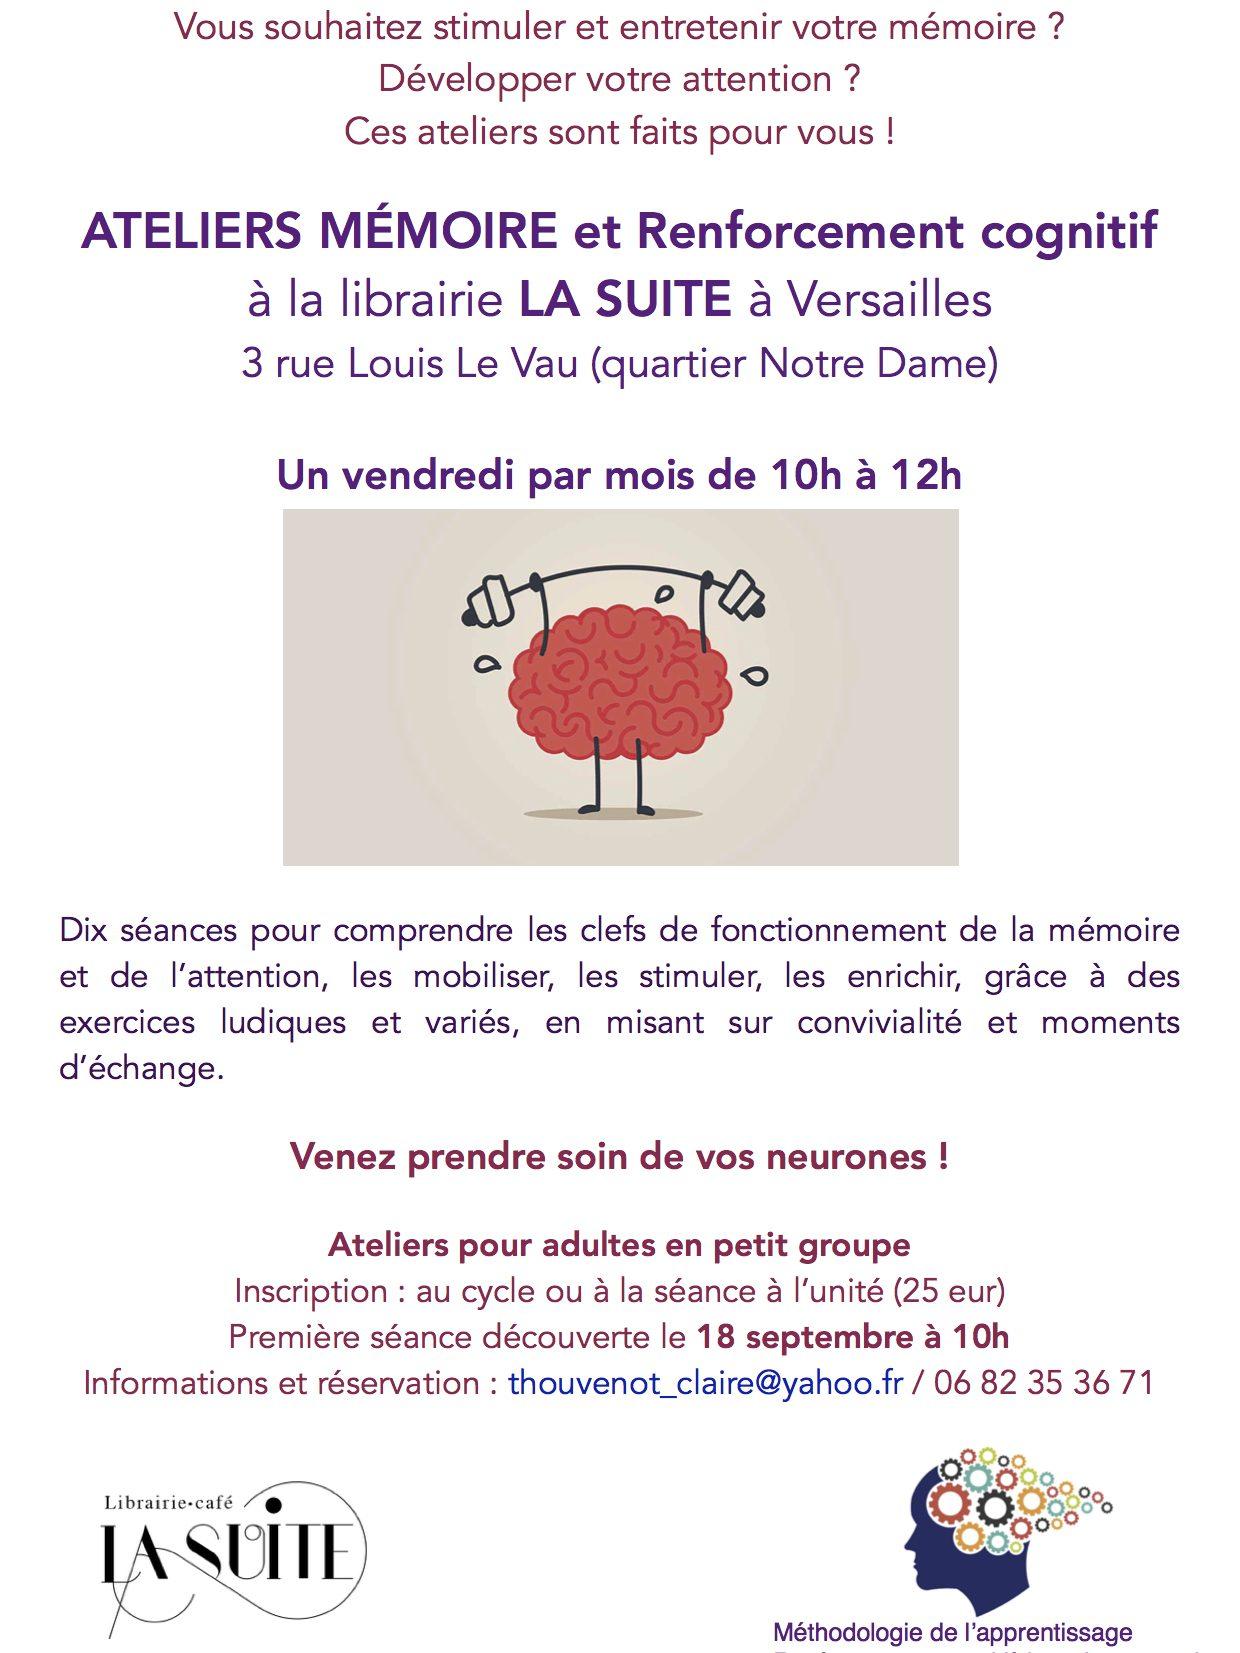 Ateliers Mémoire et Renforcement cognitif